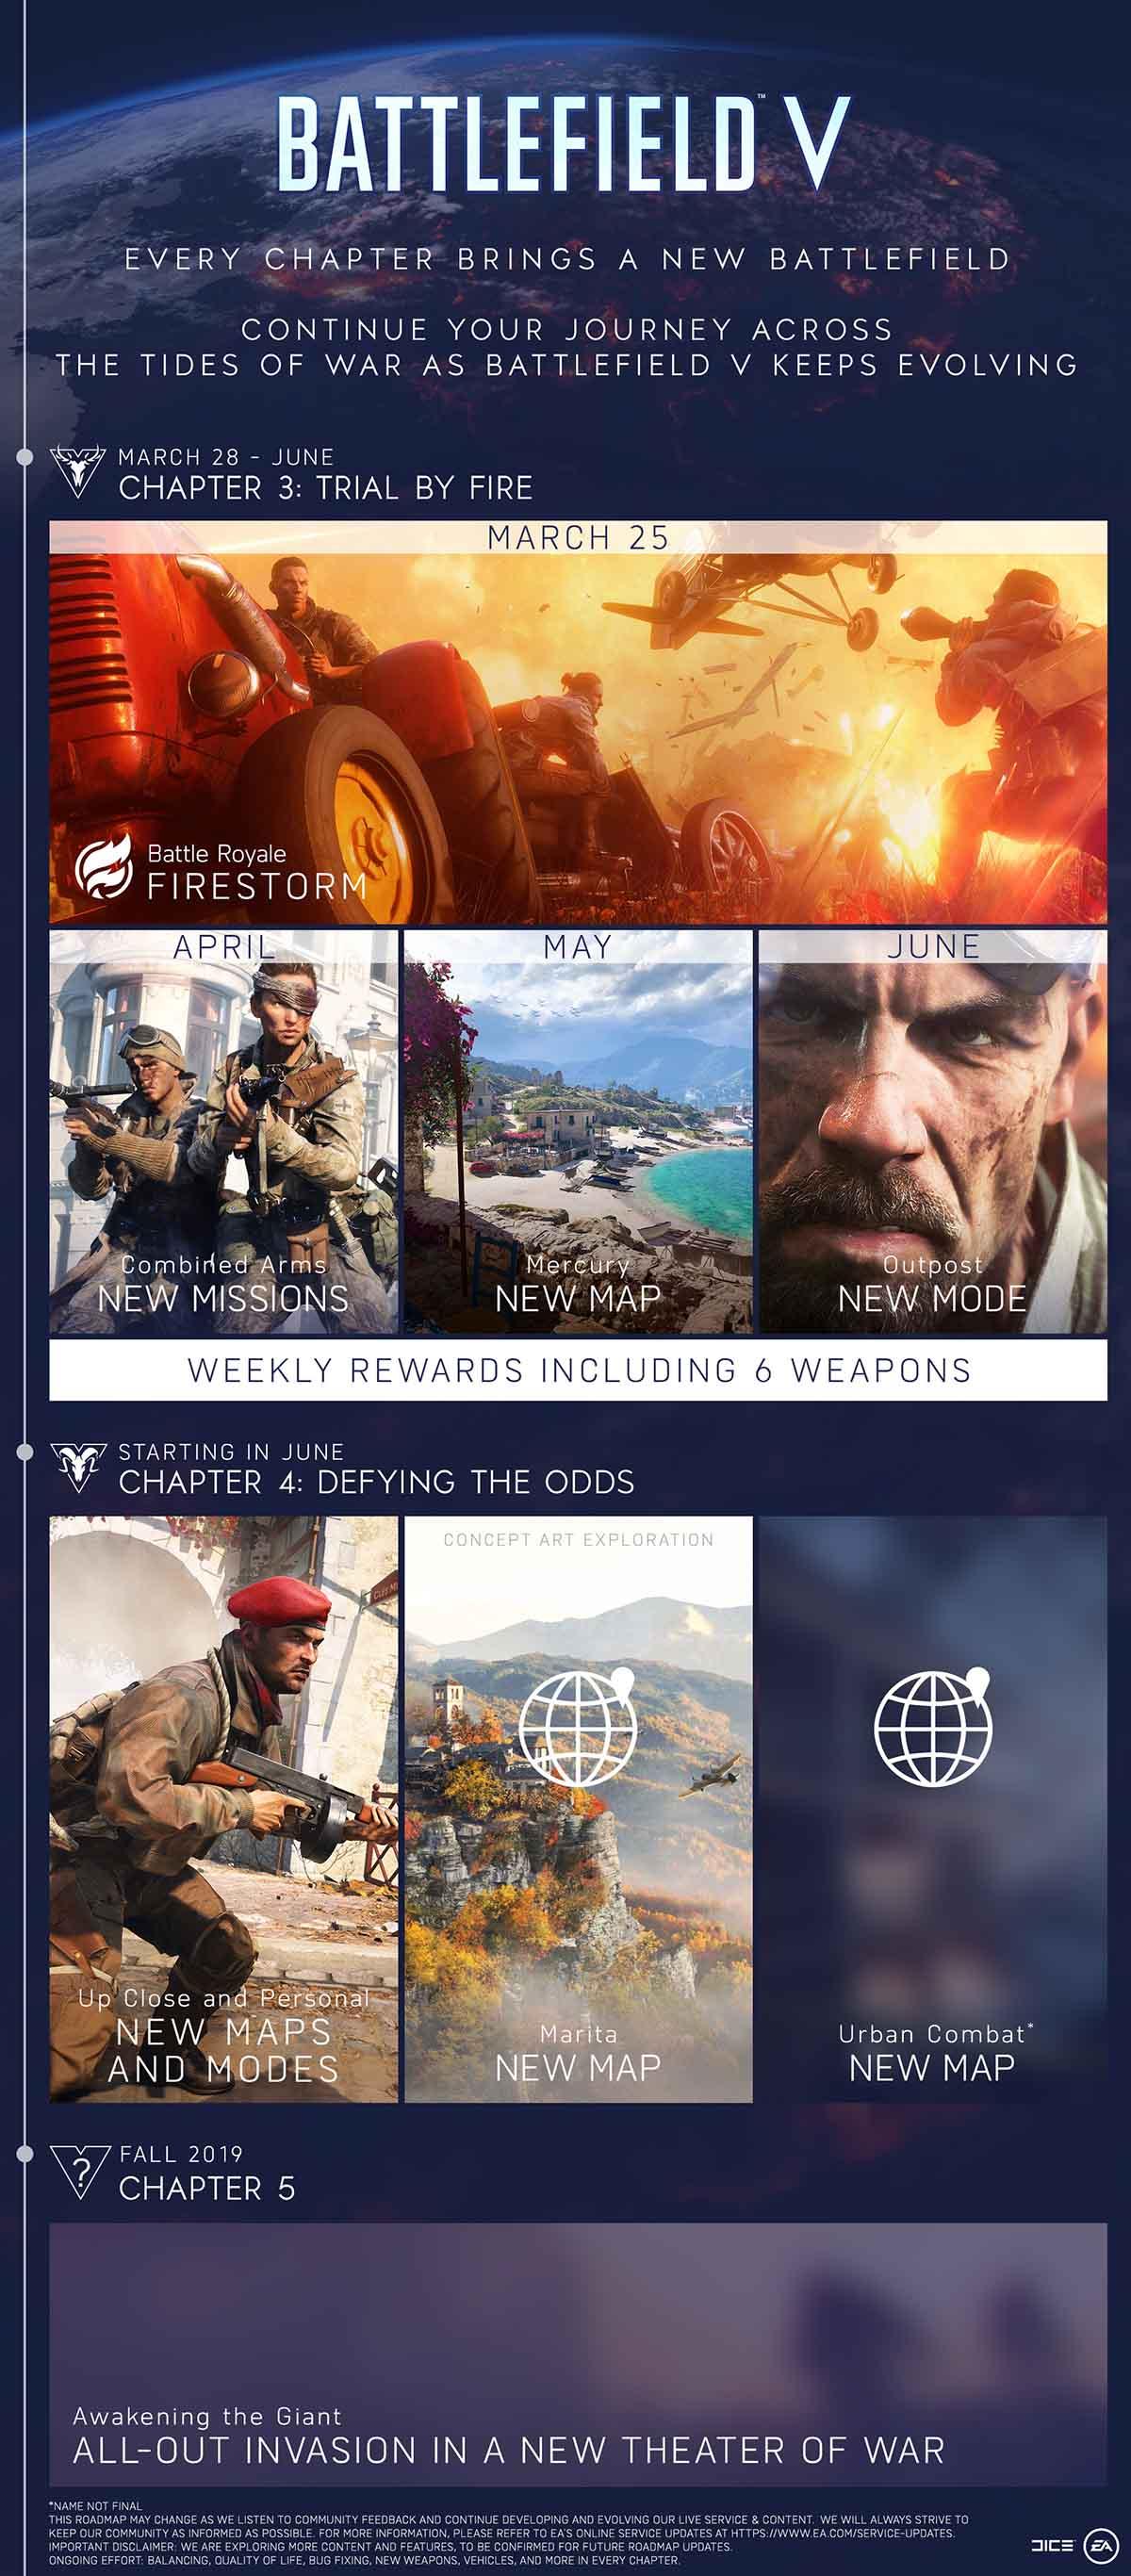 Battlefield V presenta su hoja de ruta para los próximos meses con nuevos capítulos, modos y mapas 2